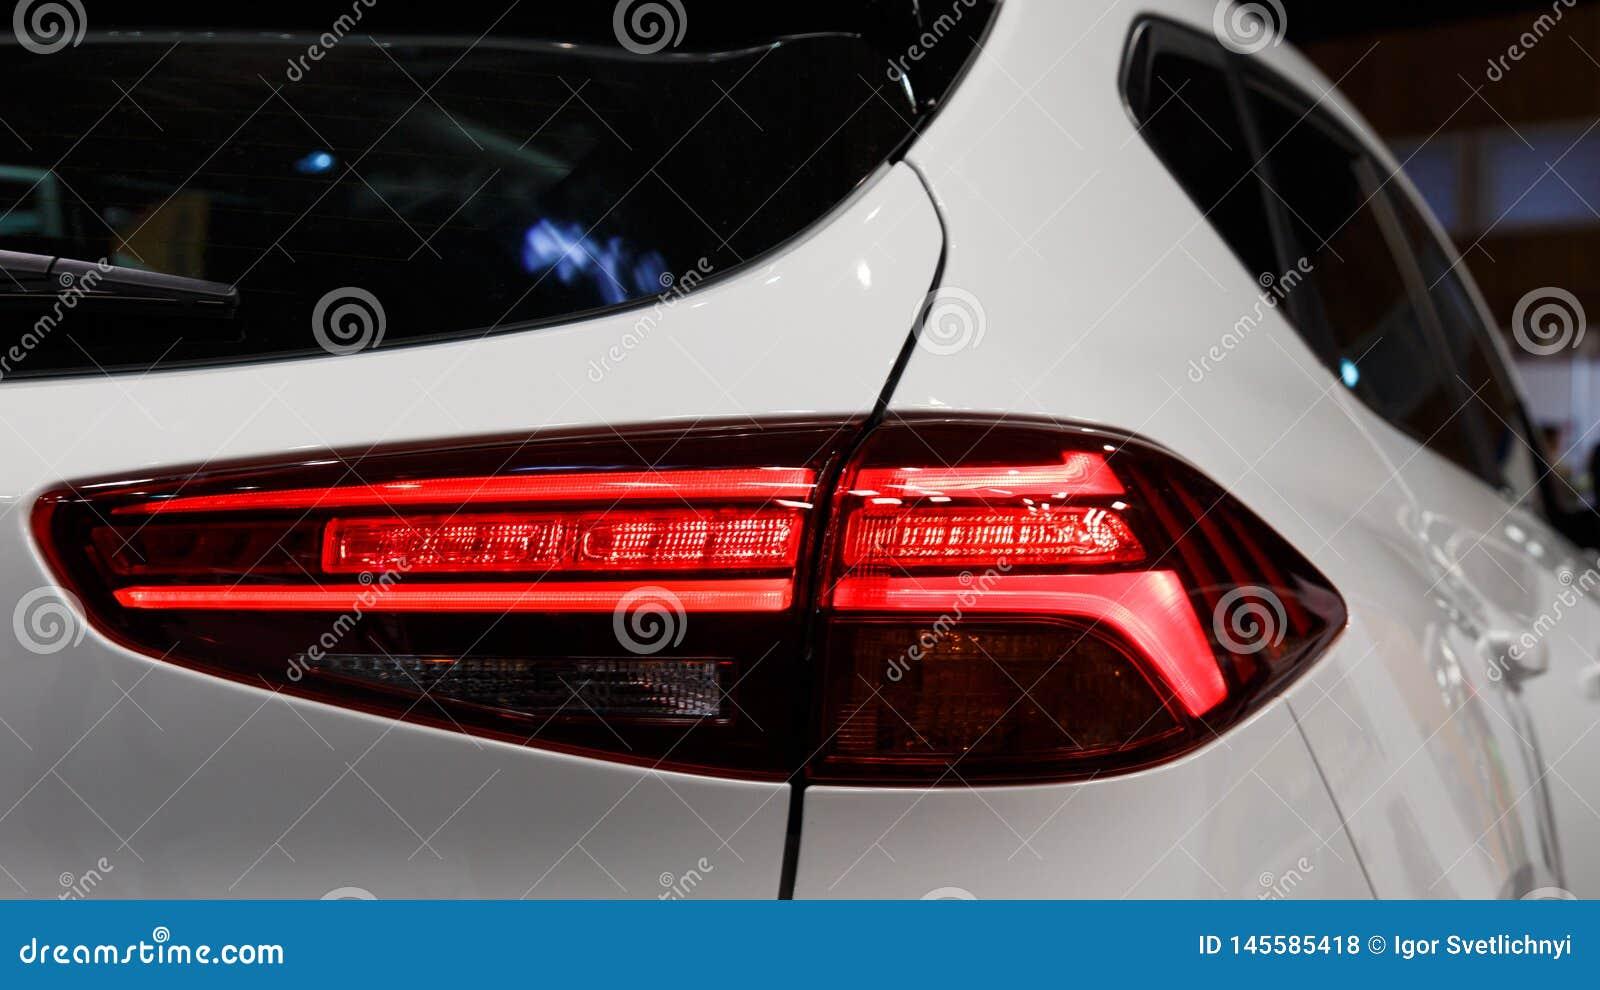 Λεπτομέρεια στο οπίσθιο φως ενός αυτοκινήτου